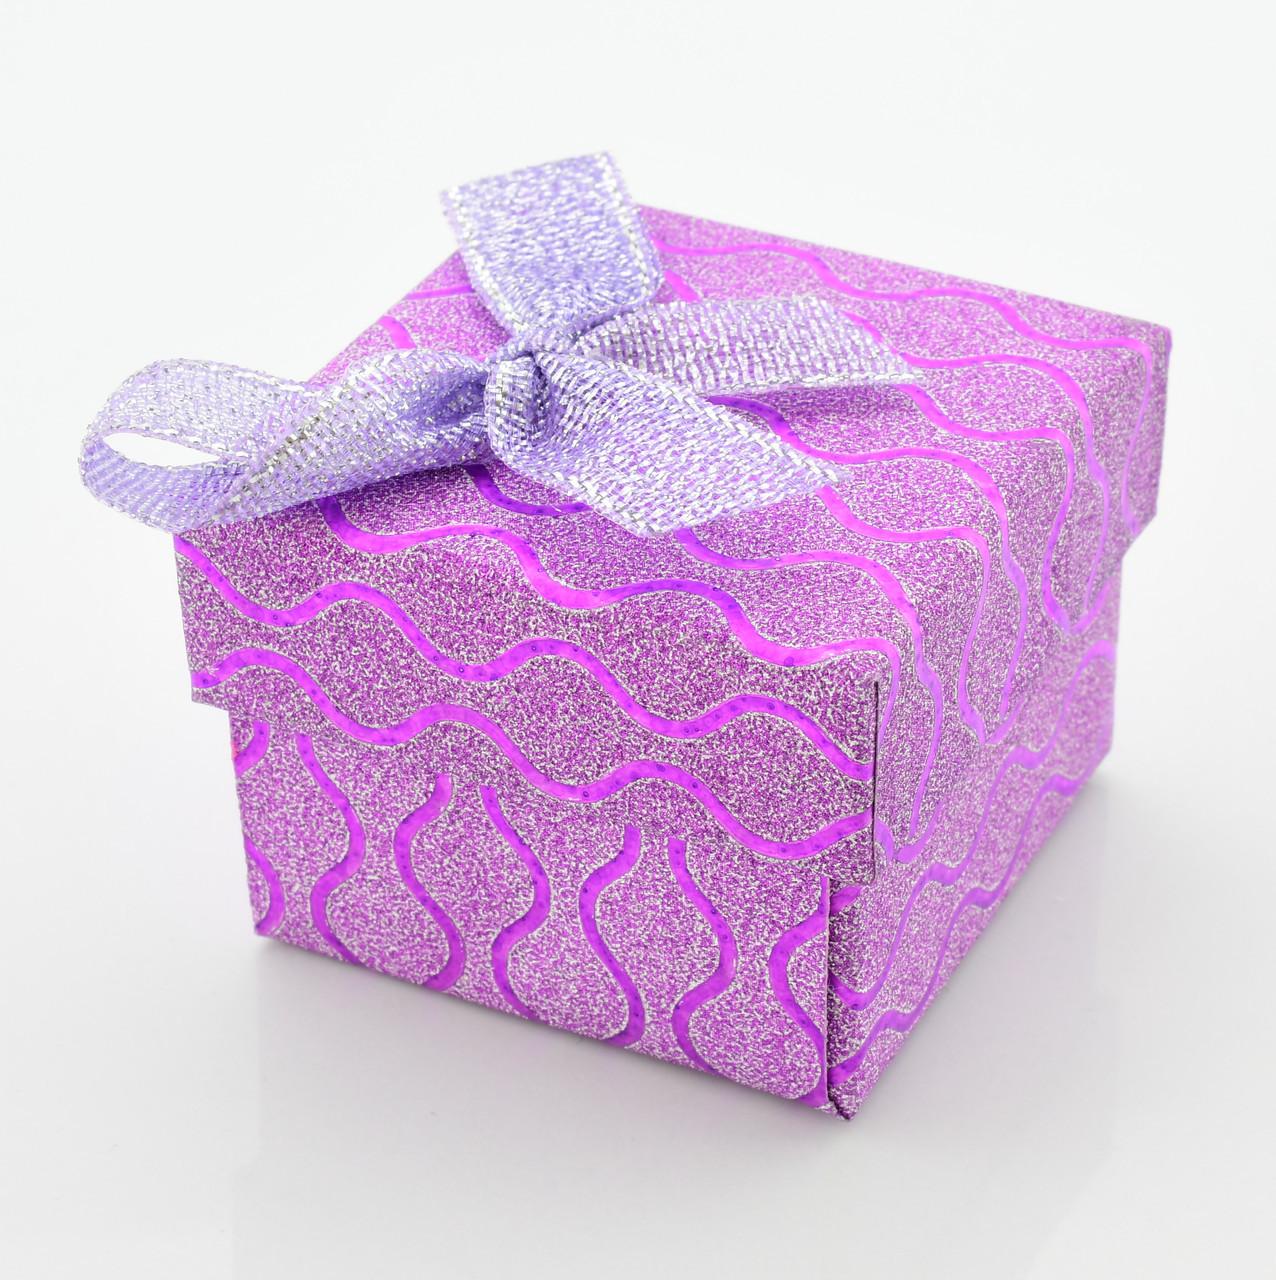 Коробочка для кольца-серег 741208 фиолетовая, размер 4*5 см